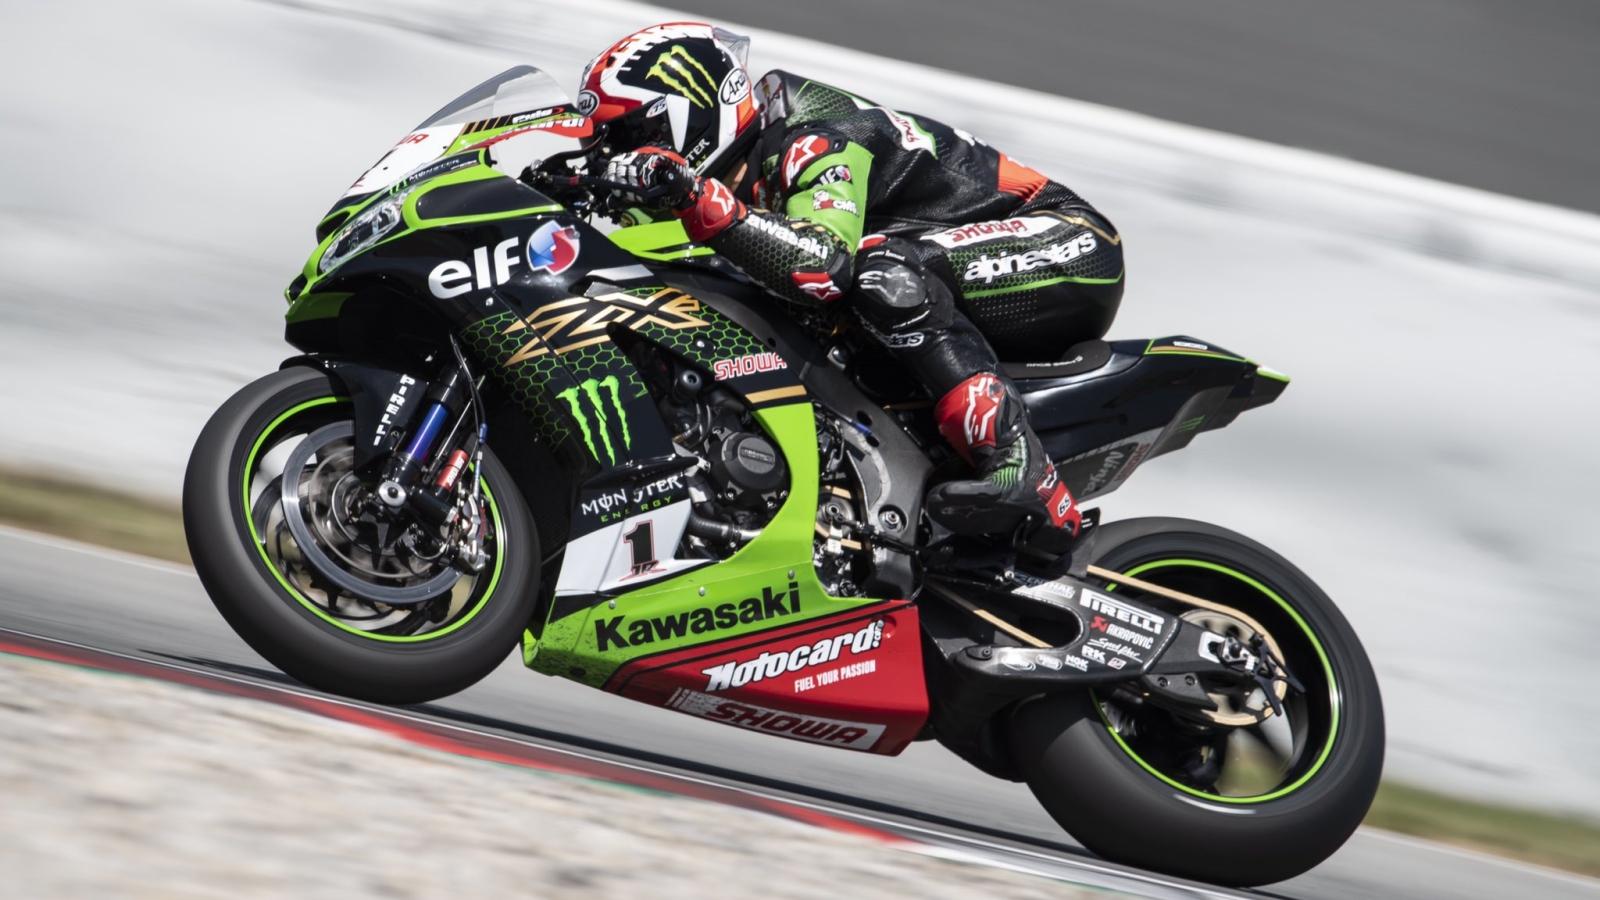 Jonathan Rea despide los test de SBK en Catalunya volando a ritmo de MotoGP